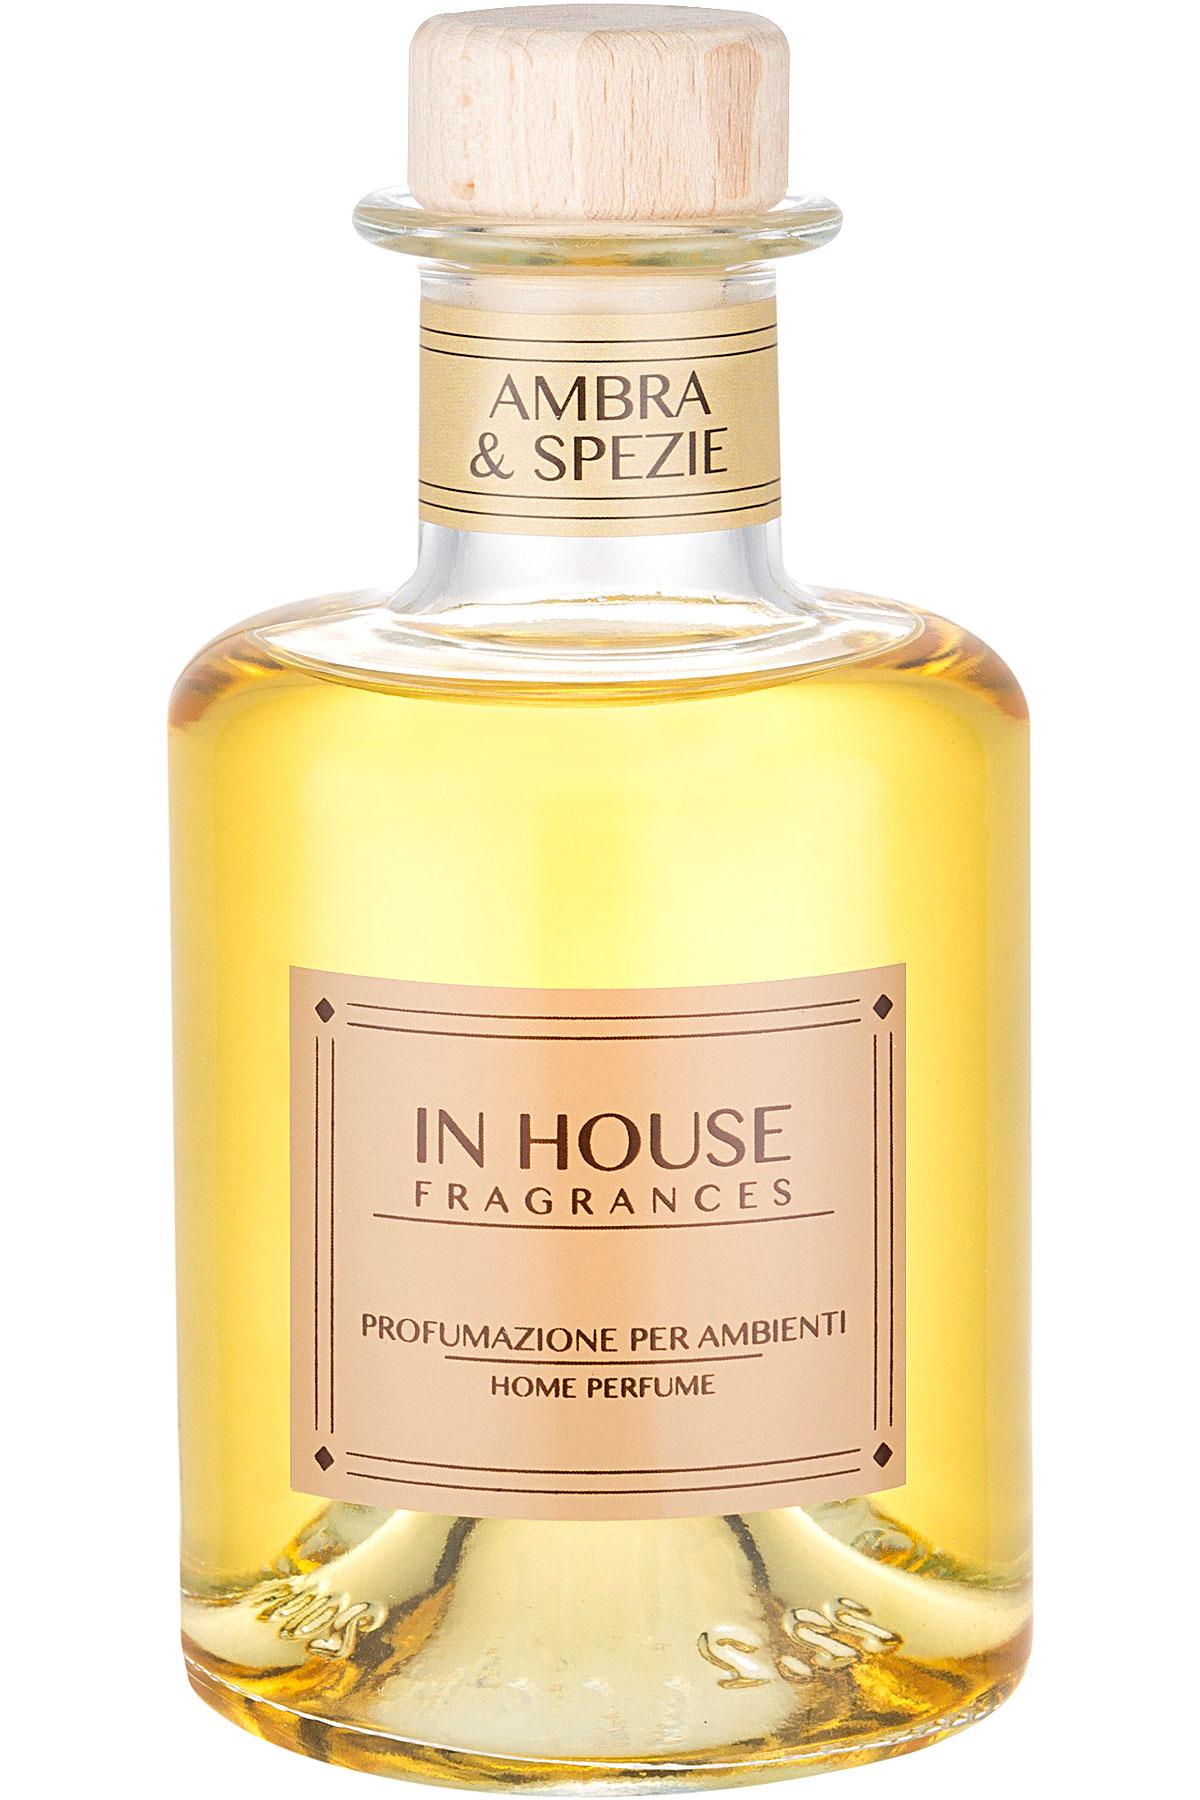 In House Fragrances Home Scents for Men, Arancio & Cannella - Home Diffuser - 200 Ml, 2019, 200 ml